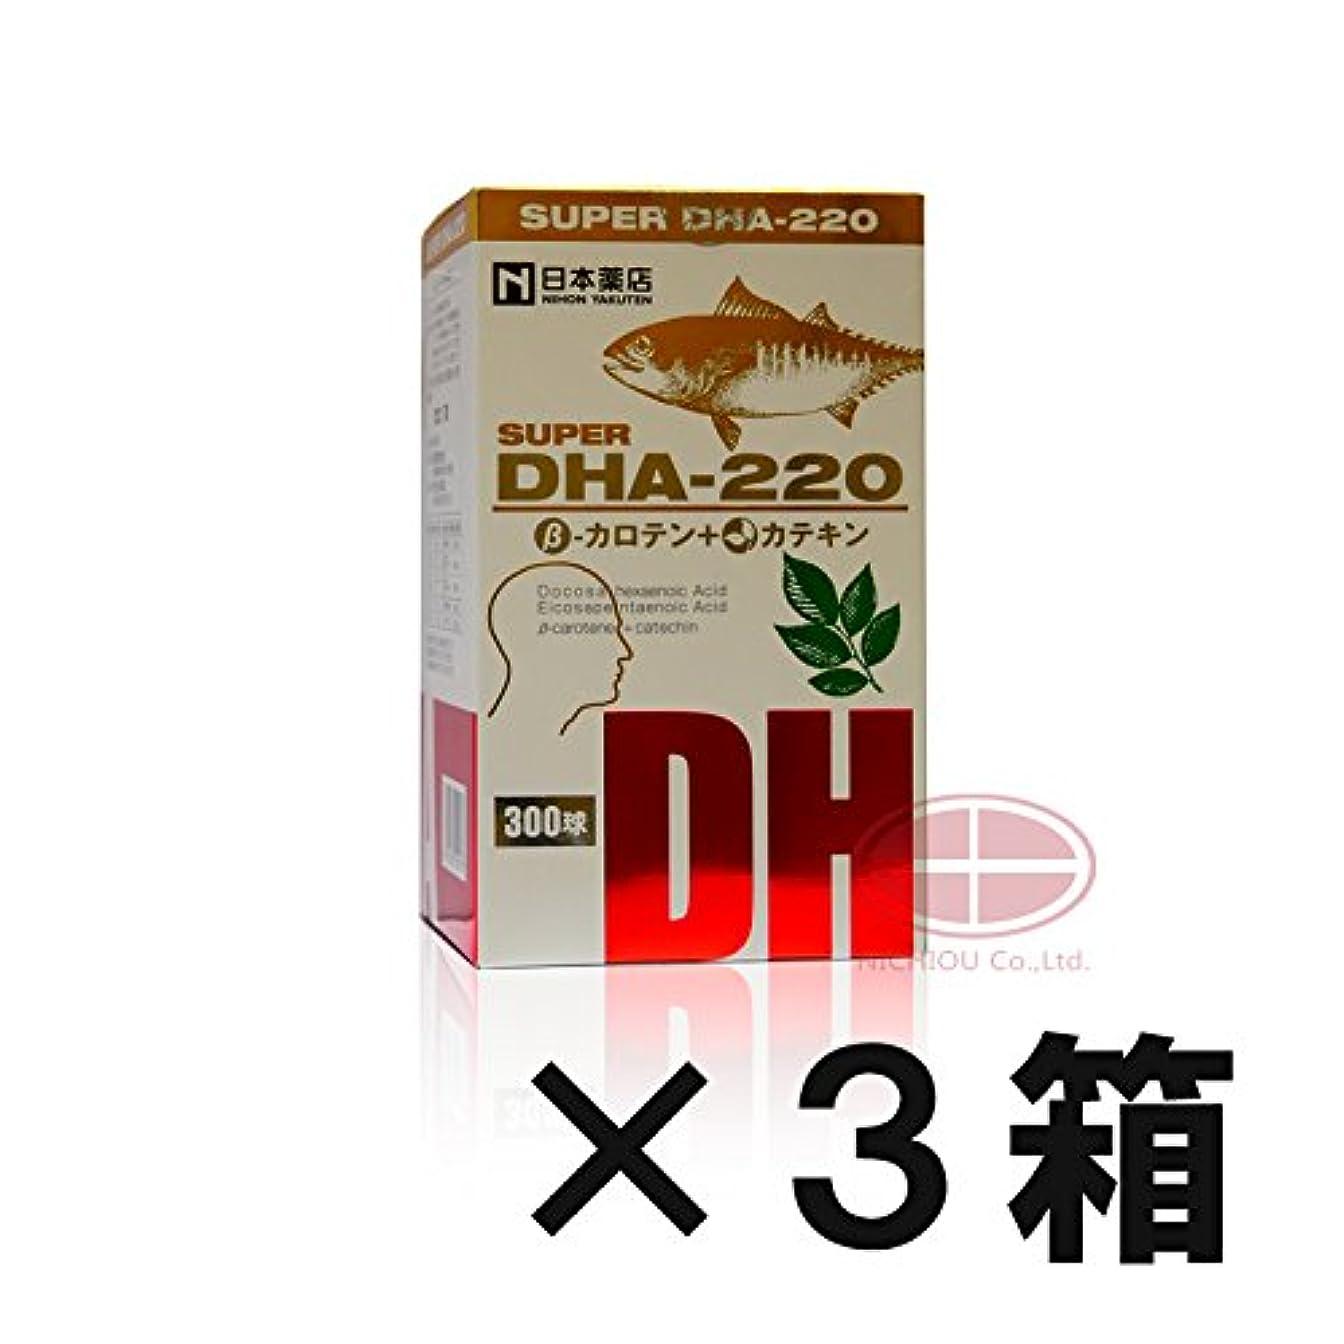 王位権利を与えるシャッフル薬王製薬 スーパーDHA220 βカロテン+カテキン 300粒 (3)